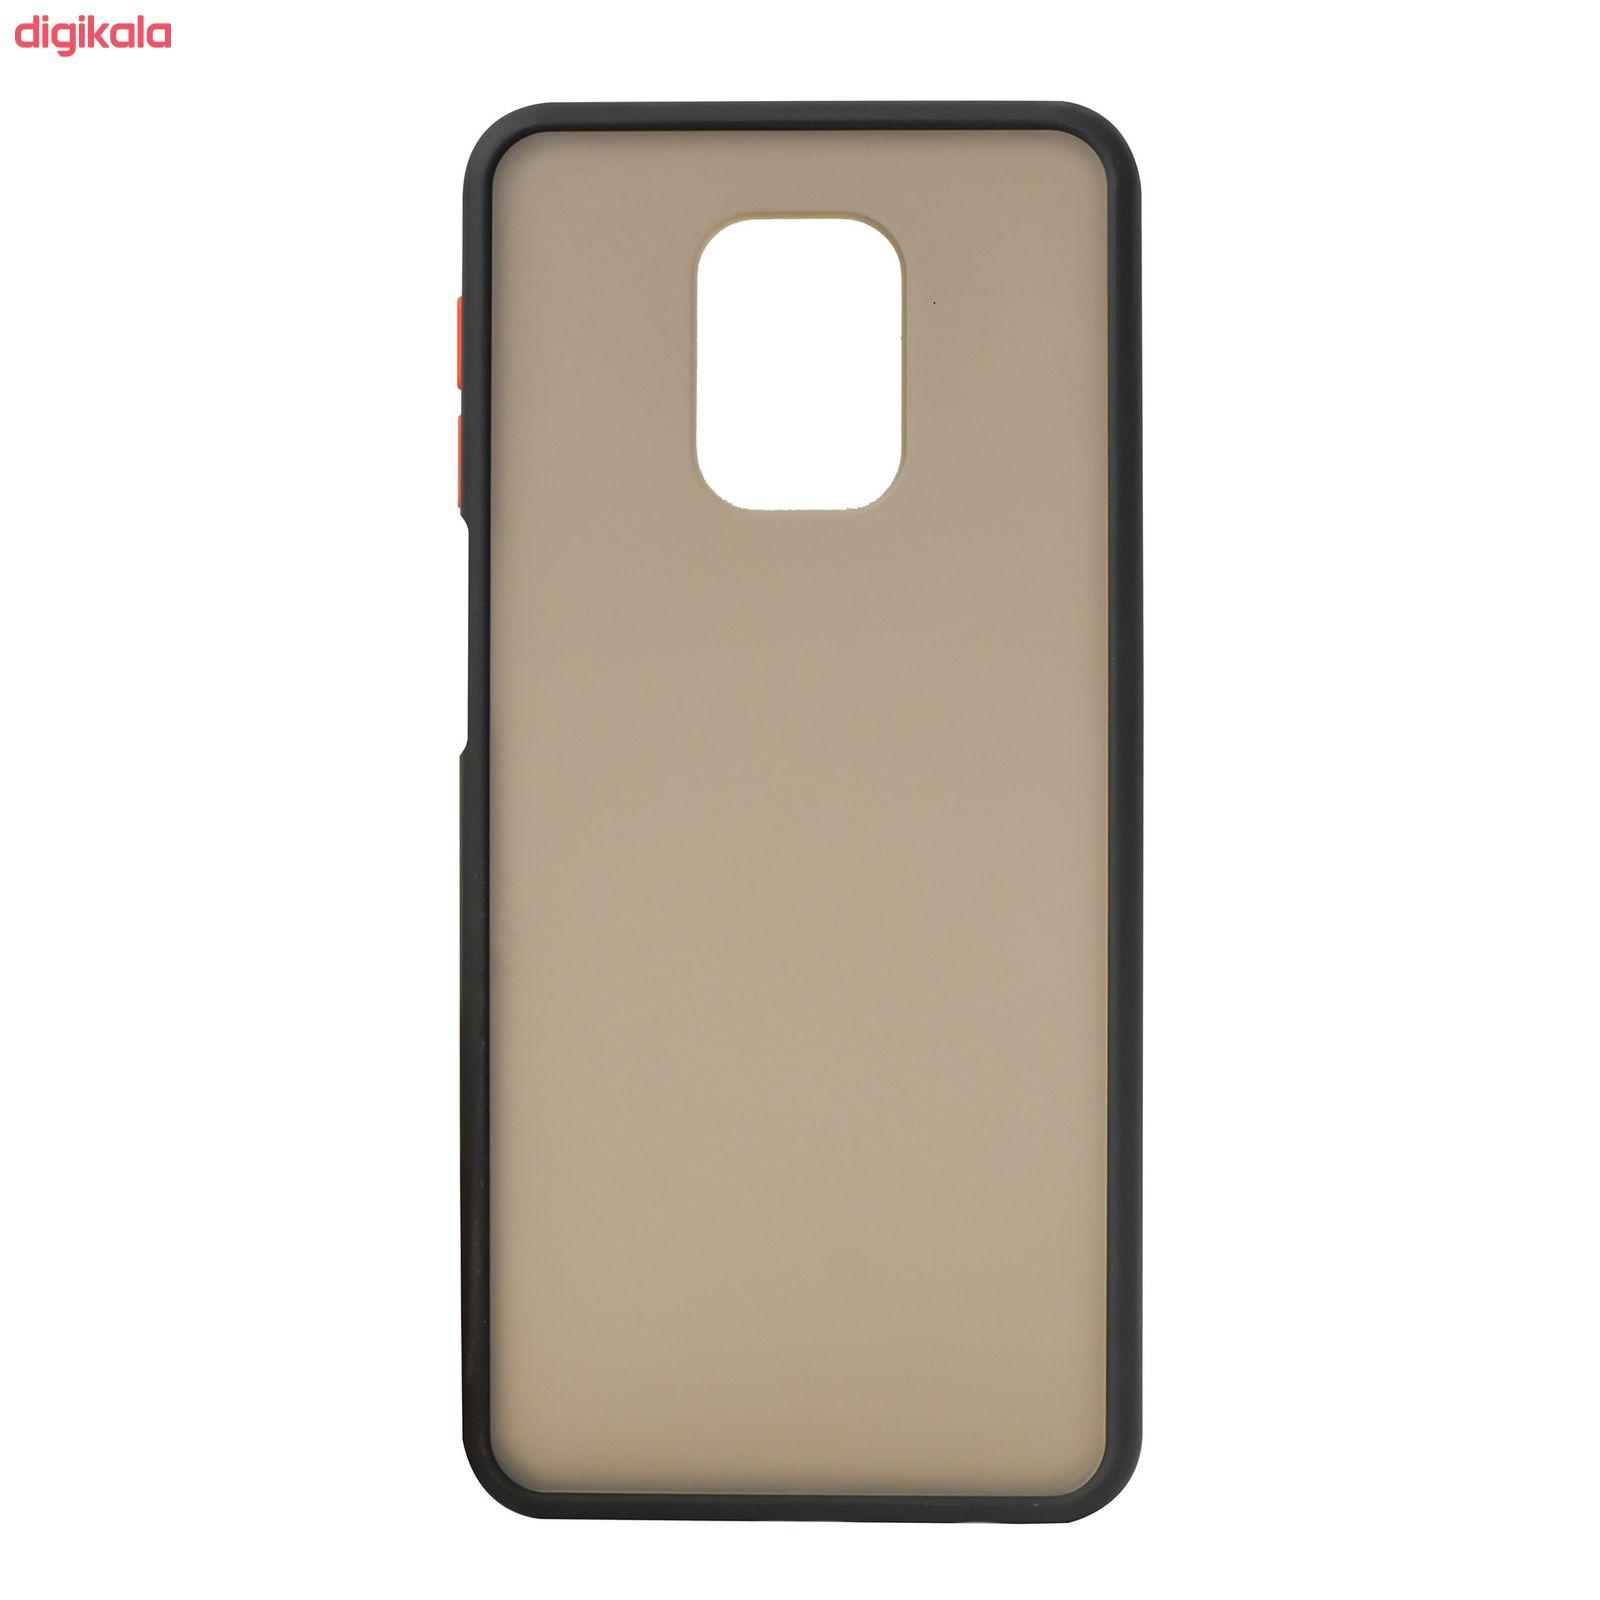 کاور مدل Slico01 مناسب برای گوشی موبایل شیائومی Redmi Note 9S / 9 Pro main 1 2